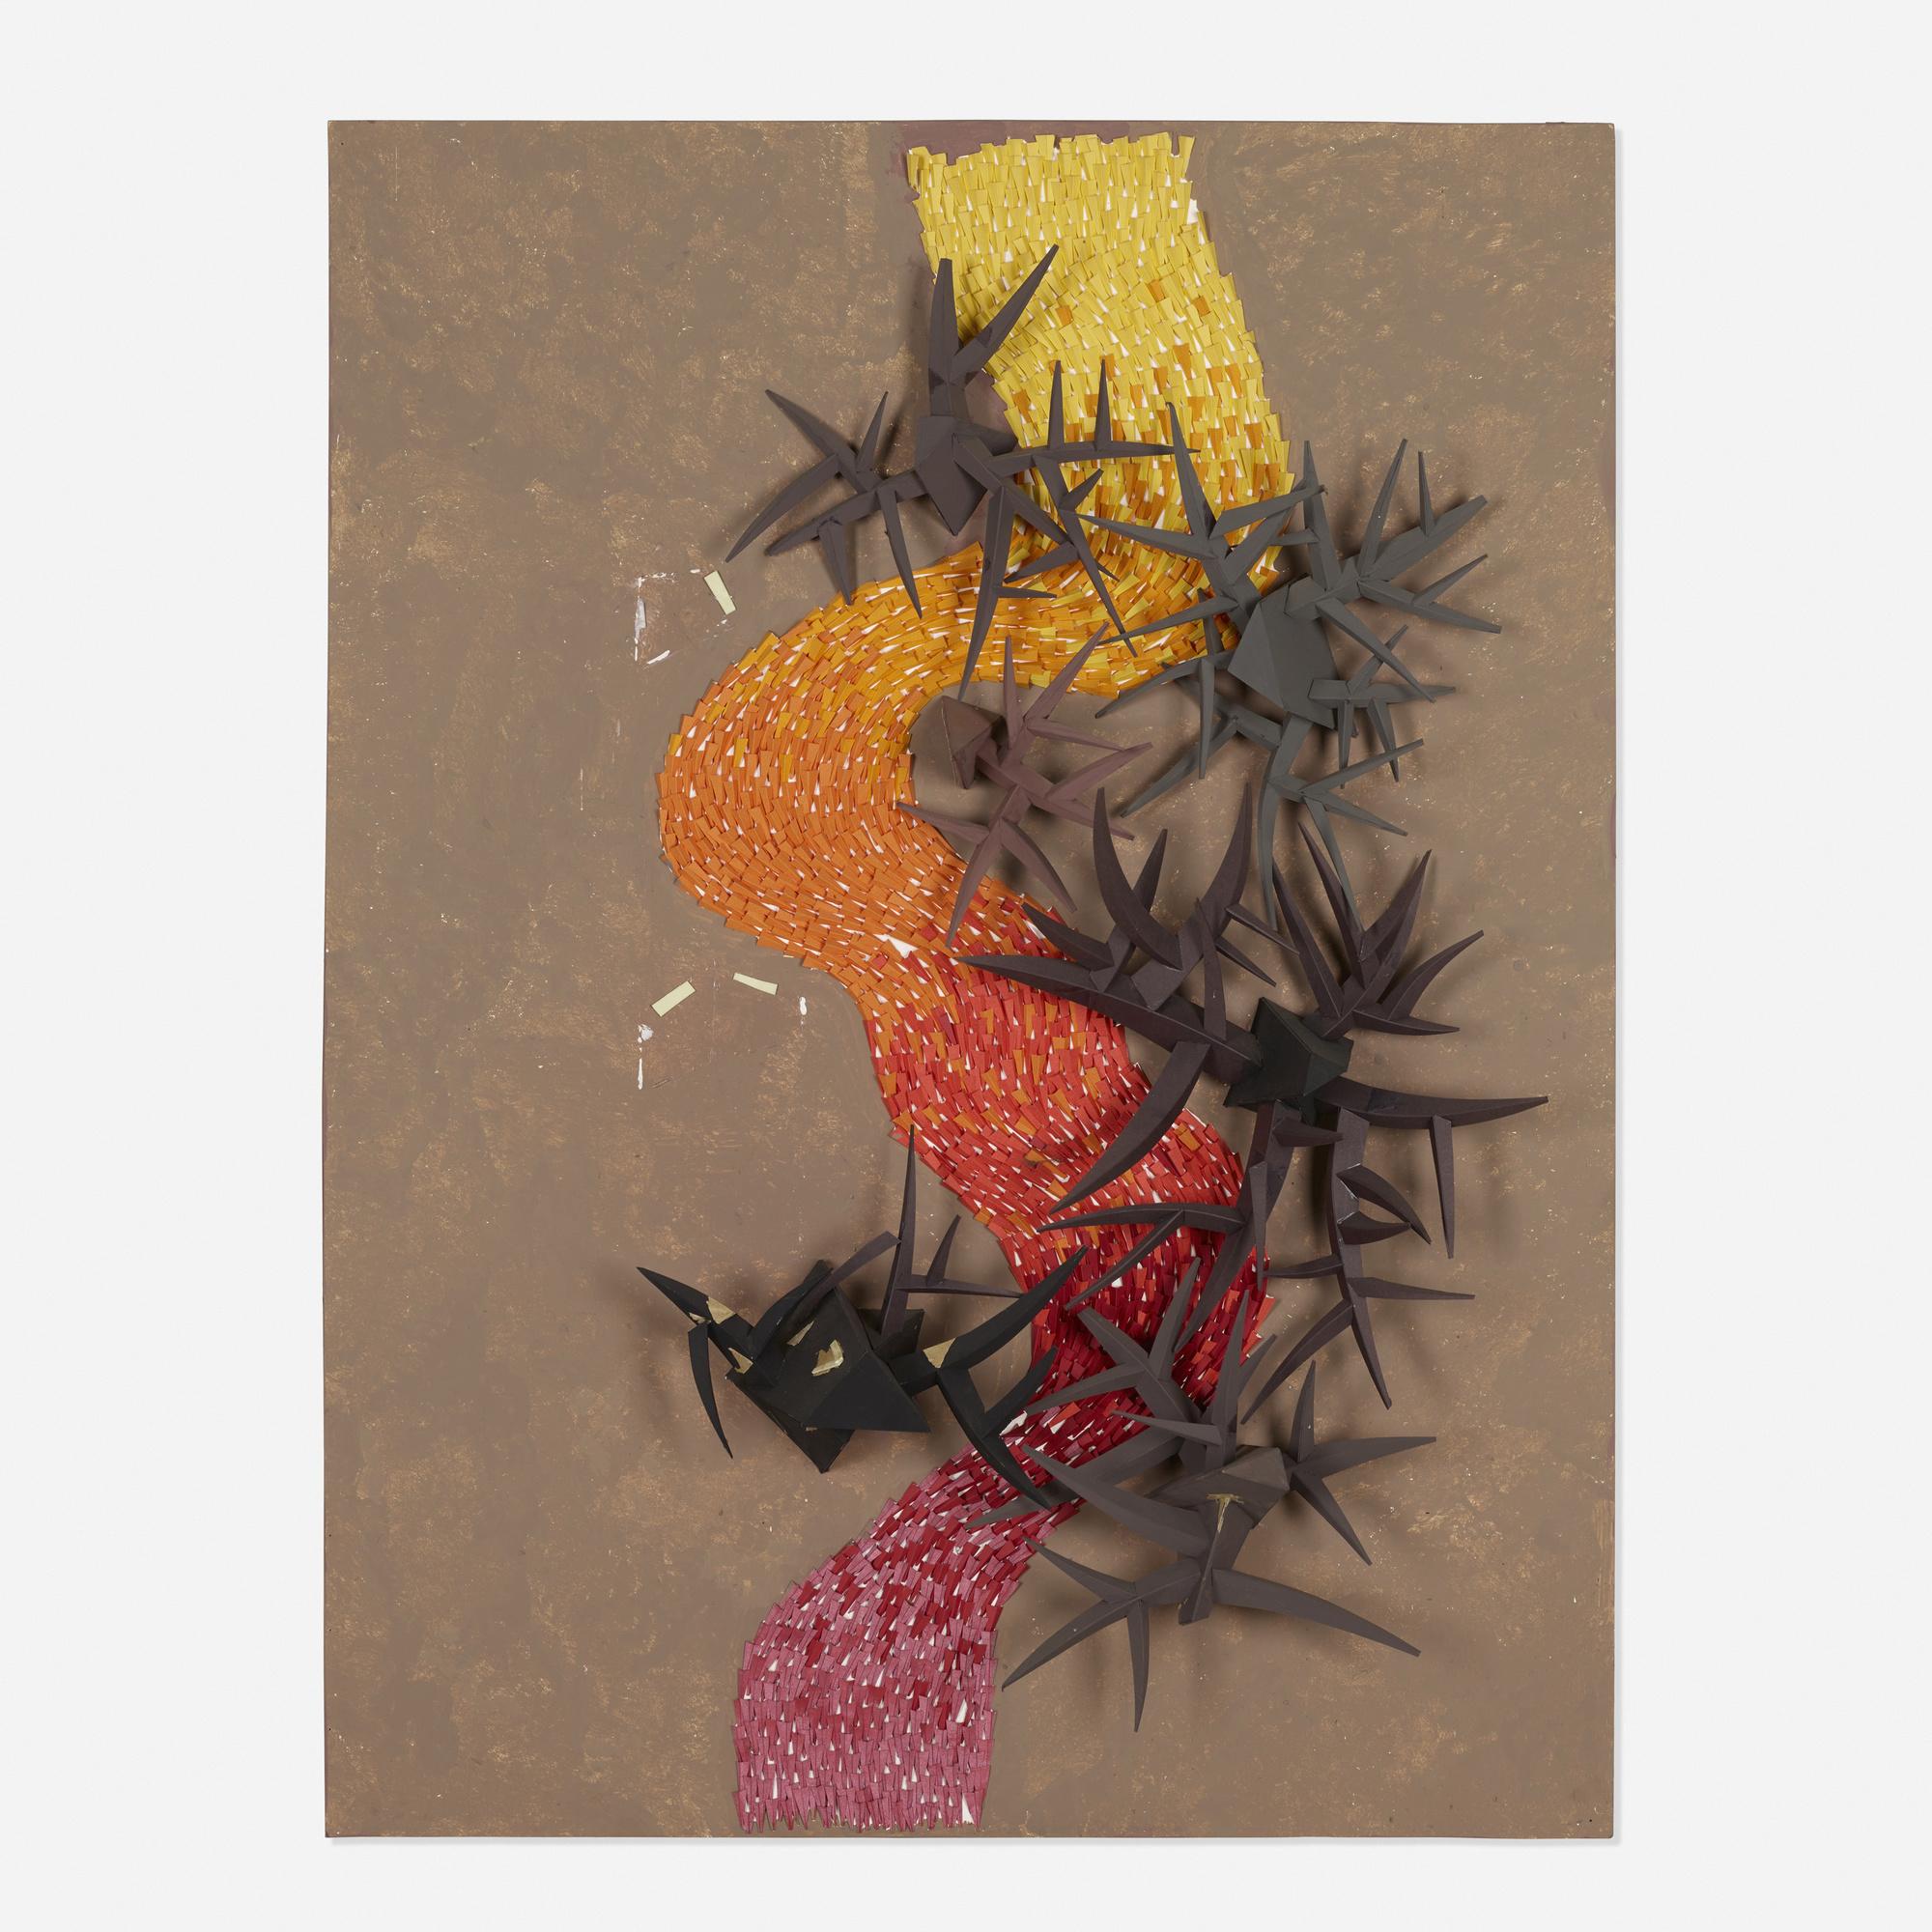 324: Irving Harper / Untitled (1 of 1)